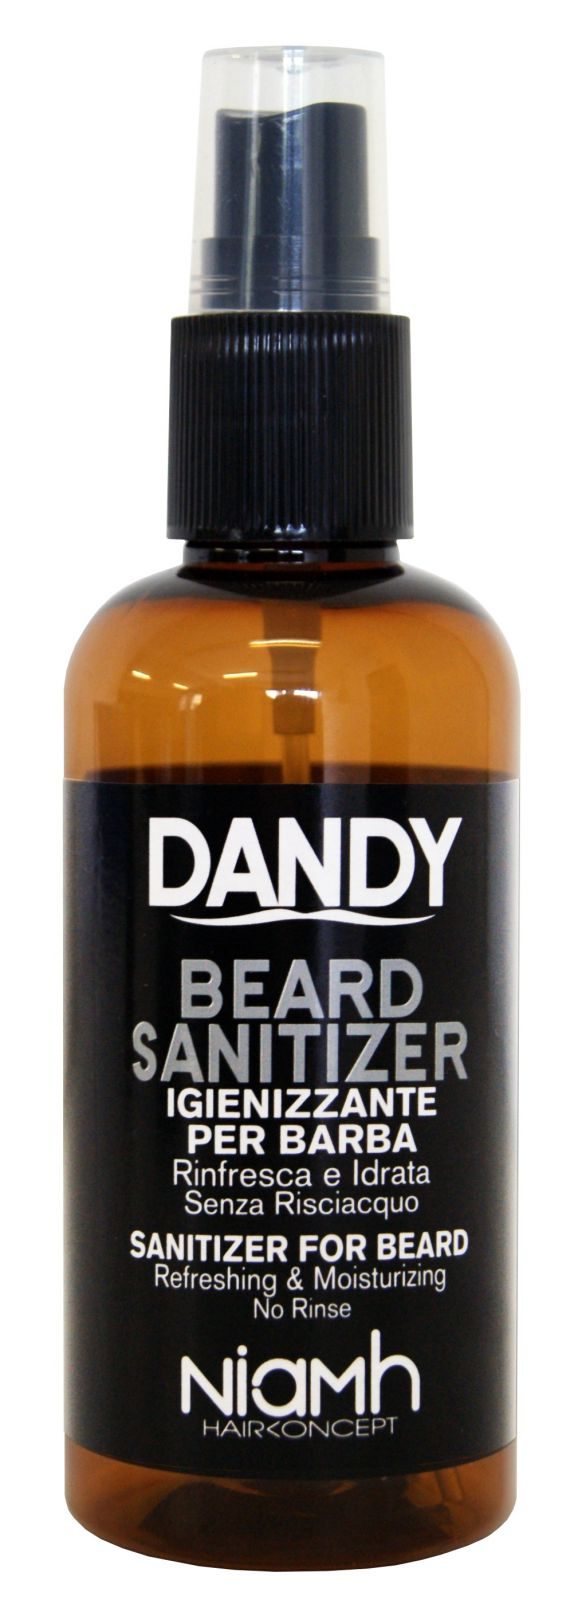 Niamh Hairkoncept Dandy Beard Sanitizer 100 ml - ochrana vašich vousů Bezoplachová ochrana vašich vousů.